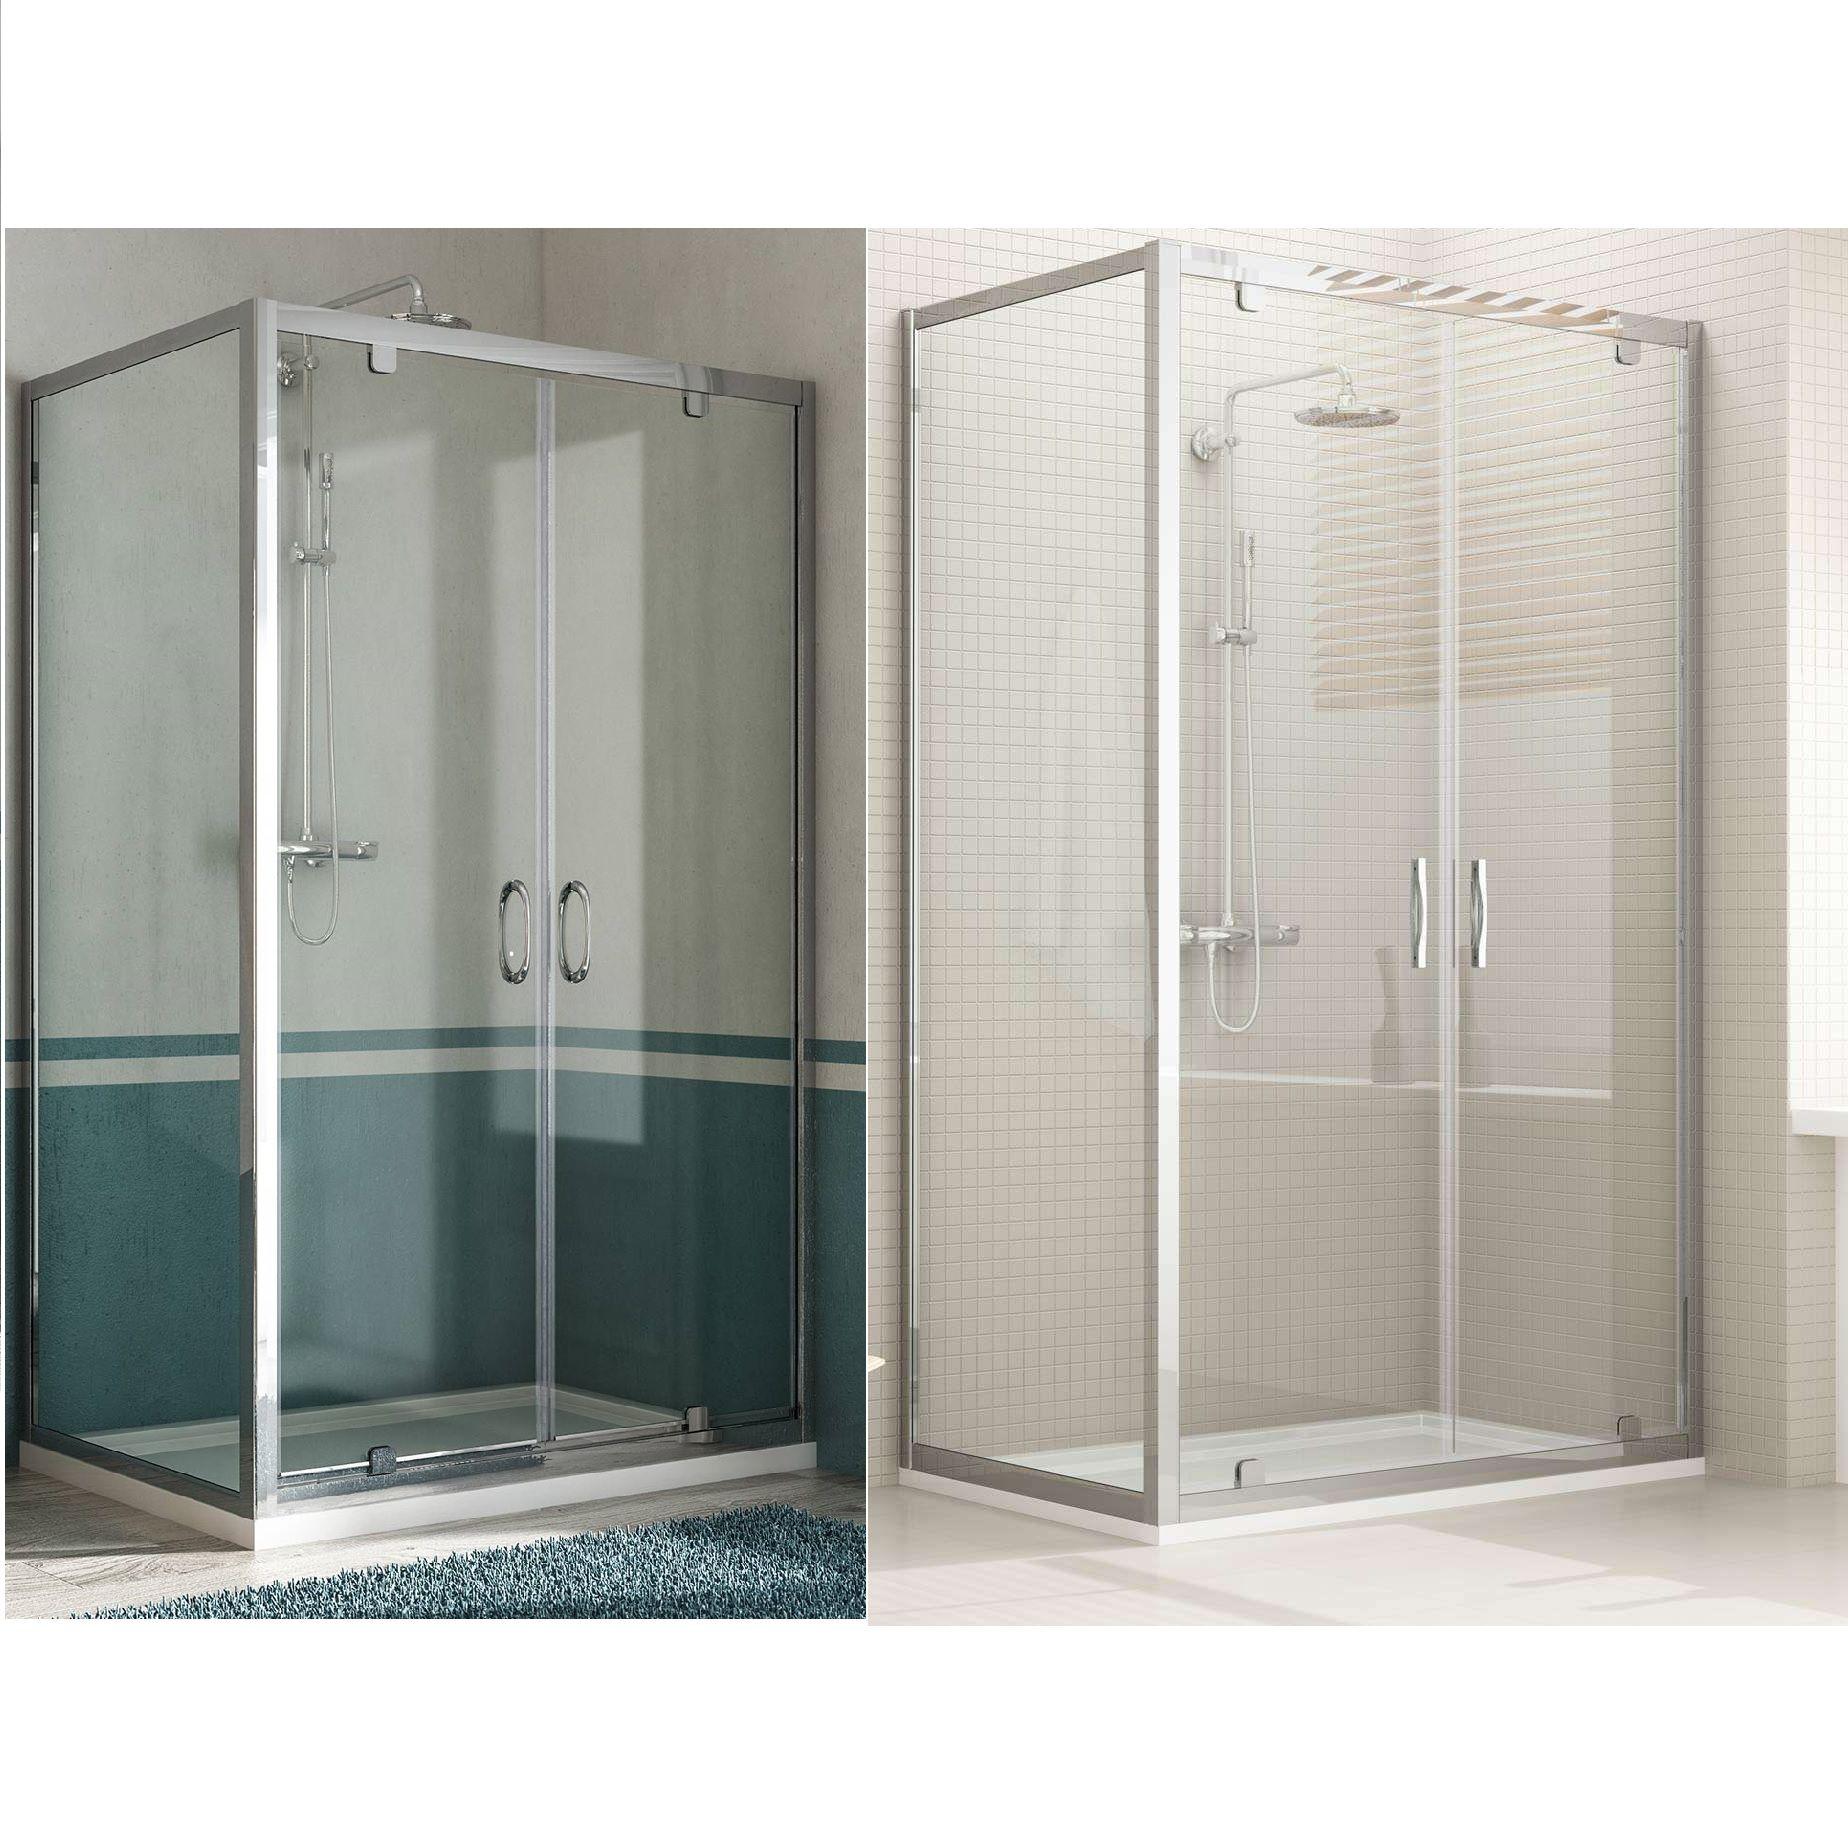 Box doccia doppia anta unica profilo alluminio h185 198 - Doccia senza porta ...